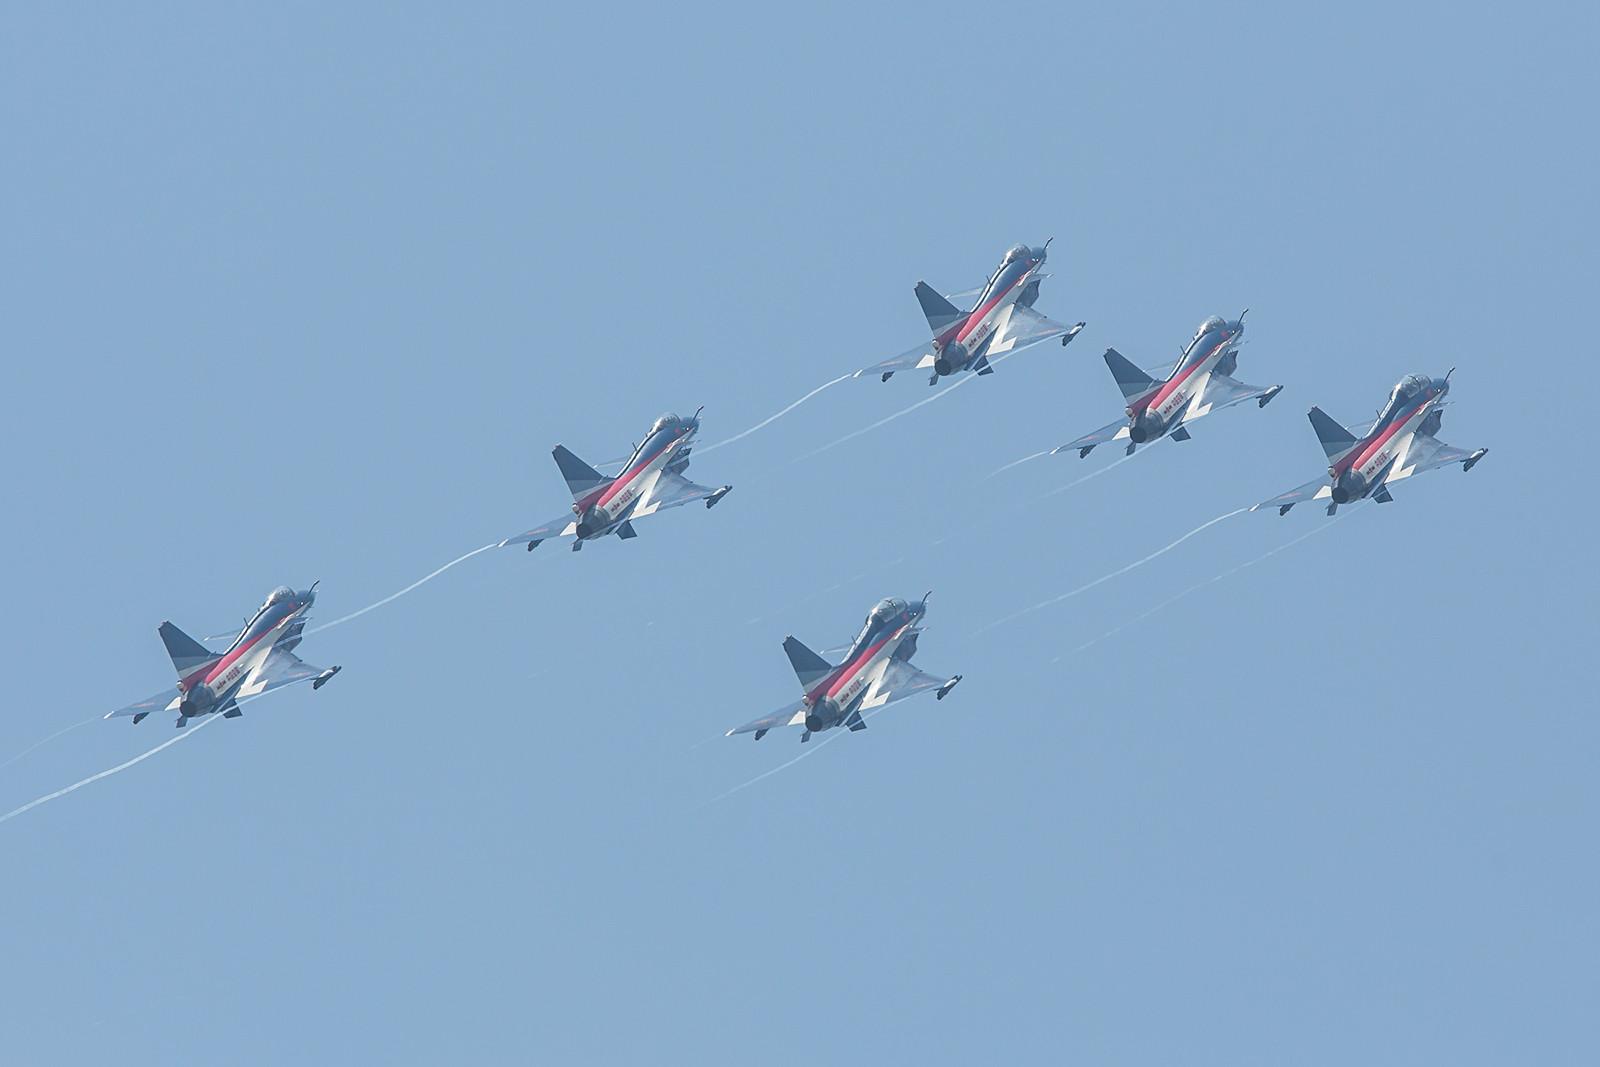 Nach einigen Formationen aller sechs Maschinen,.......